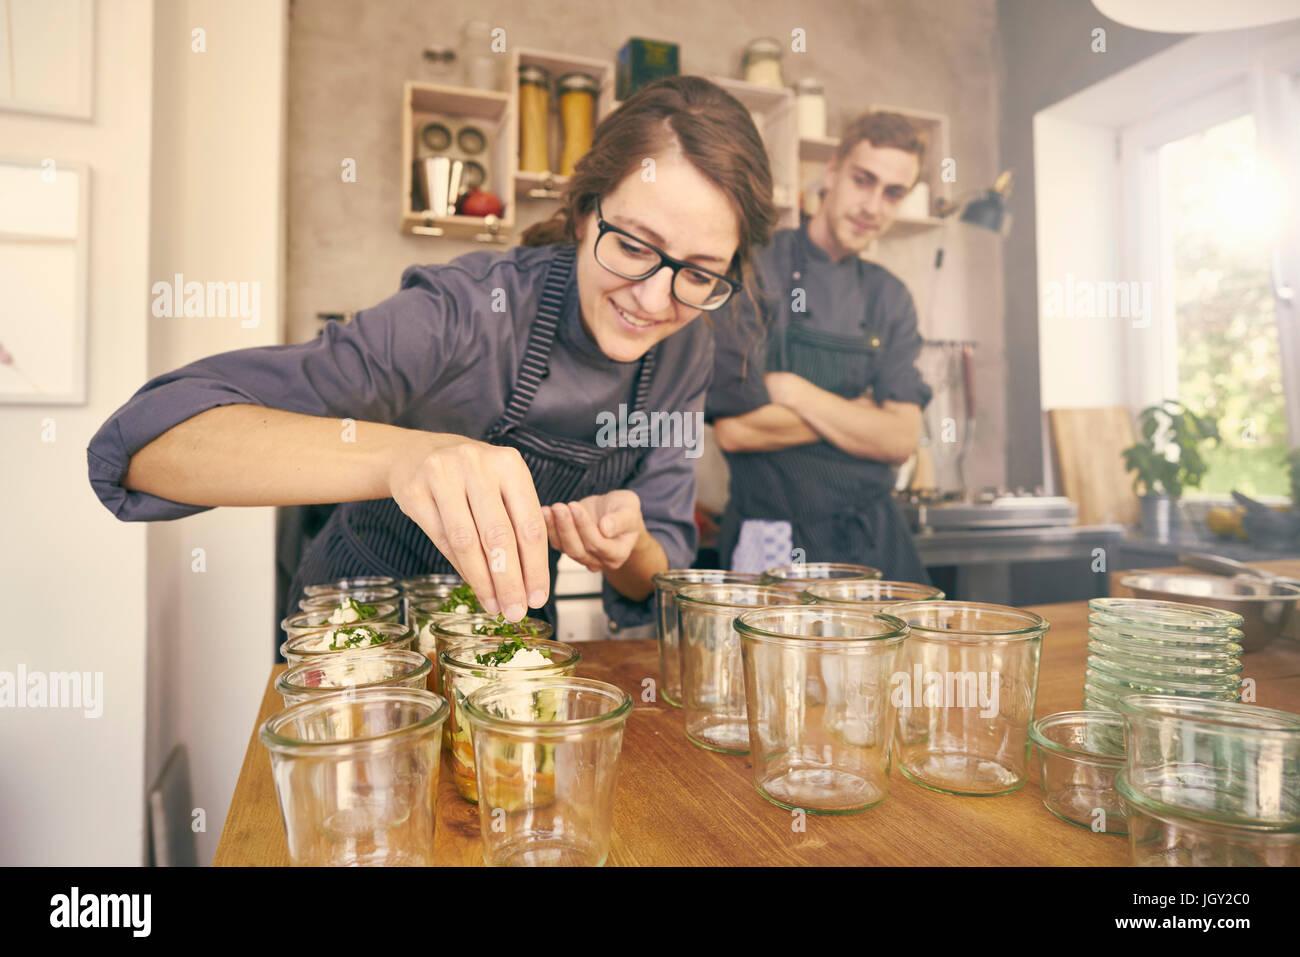 Chef llenando recipientes plásticos con porciones de comida Imagen De Stock